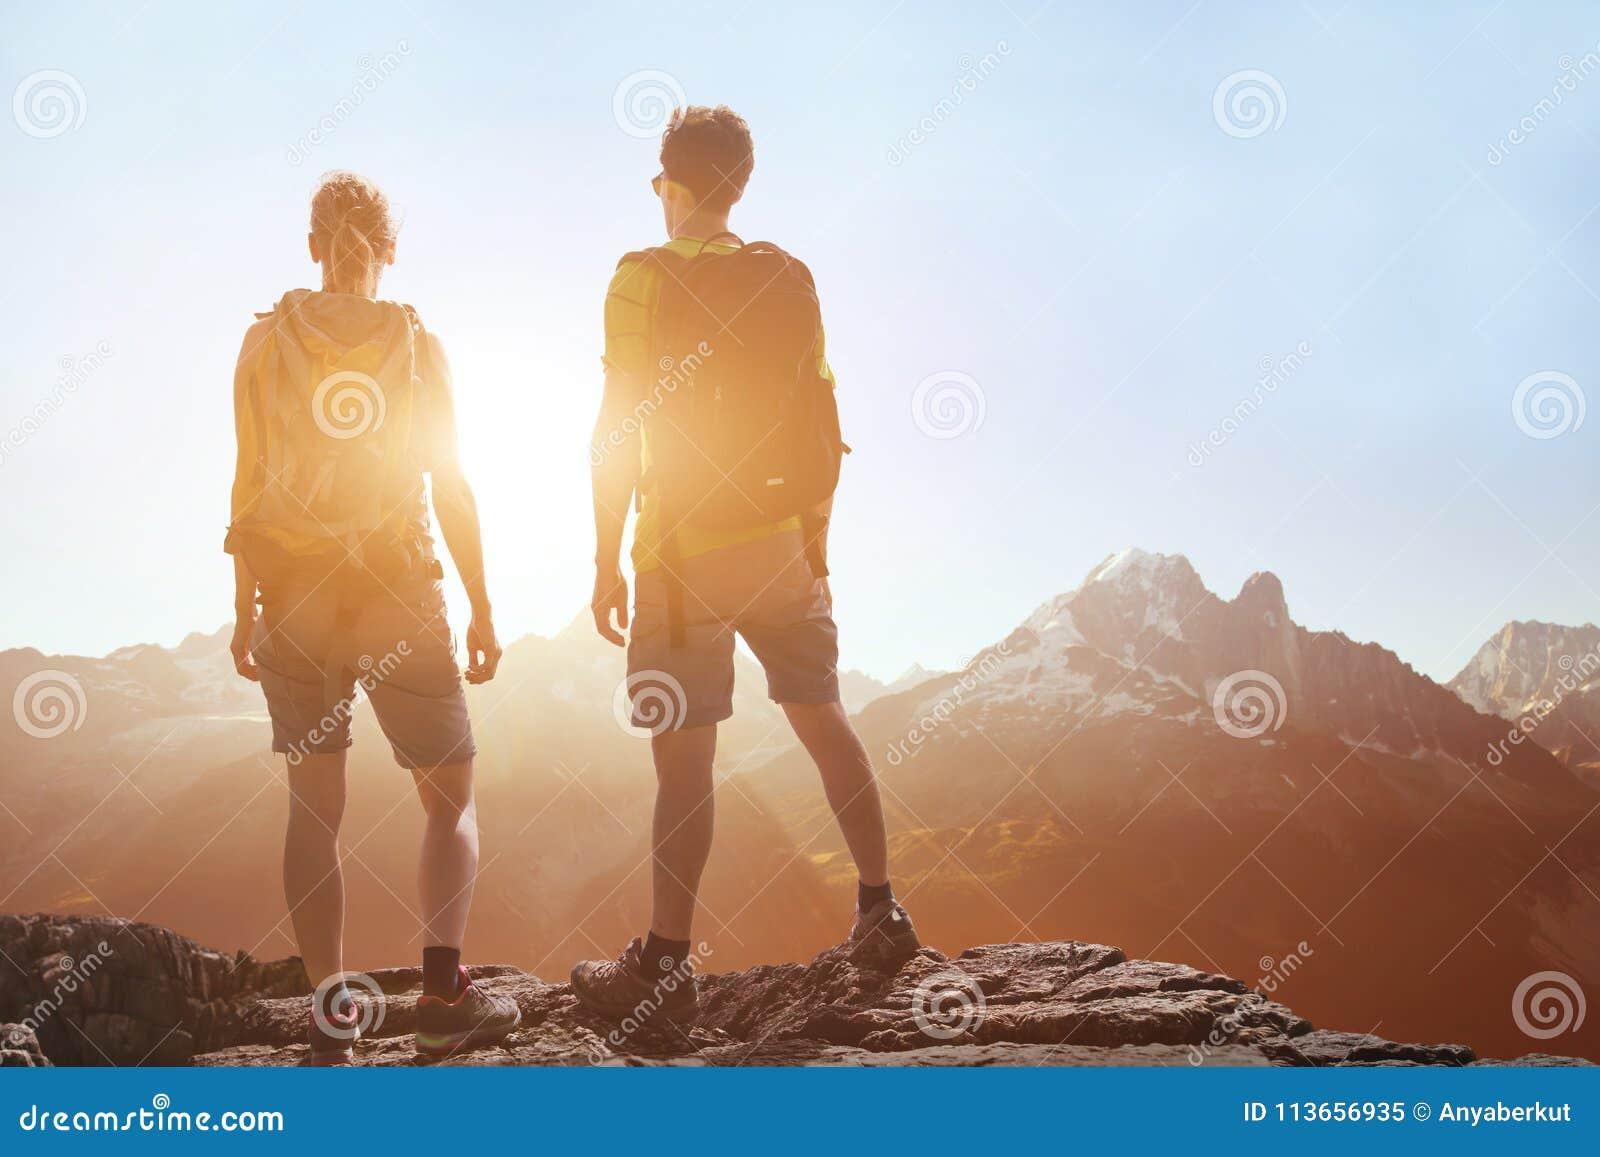 Reise, Leutereisen, wandernd in den Bergen, Paare von den Wanderern, die panoramische Landschaft betrachten